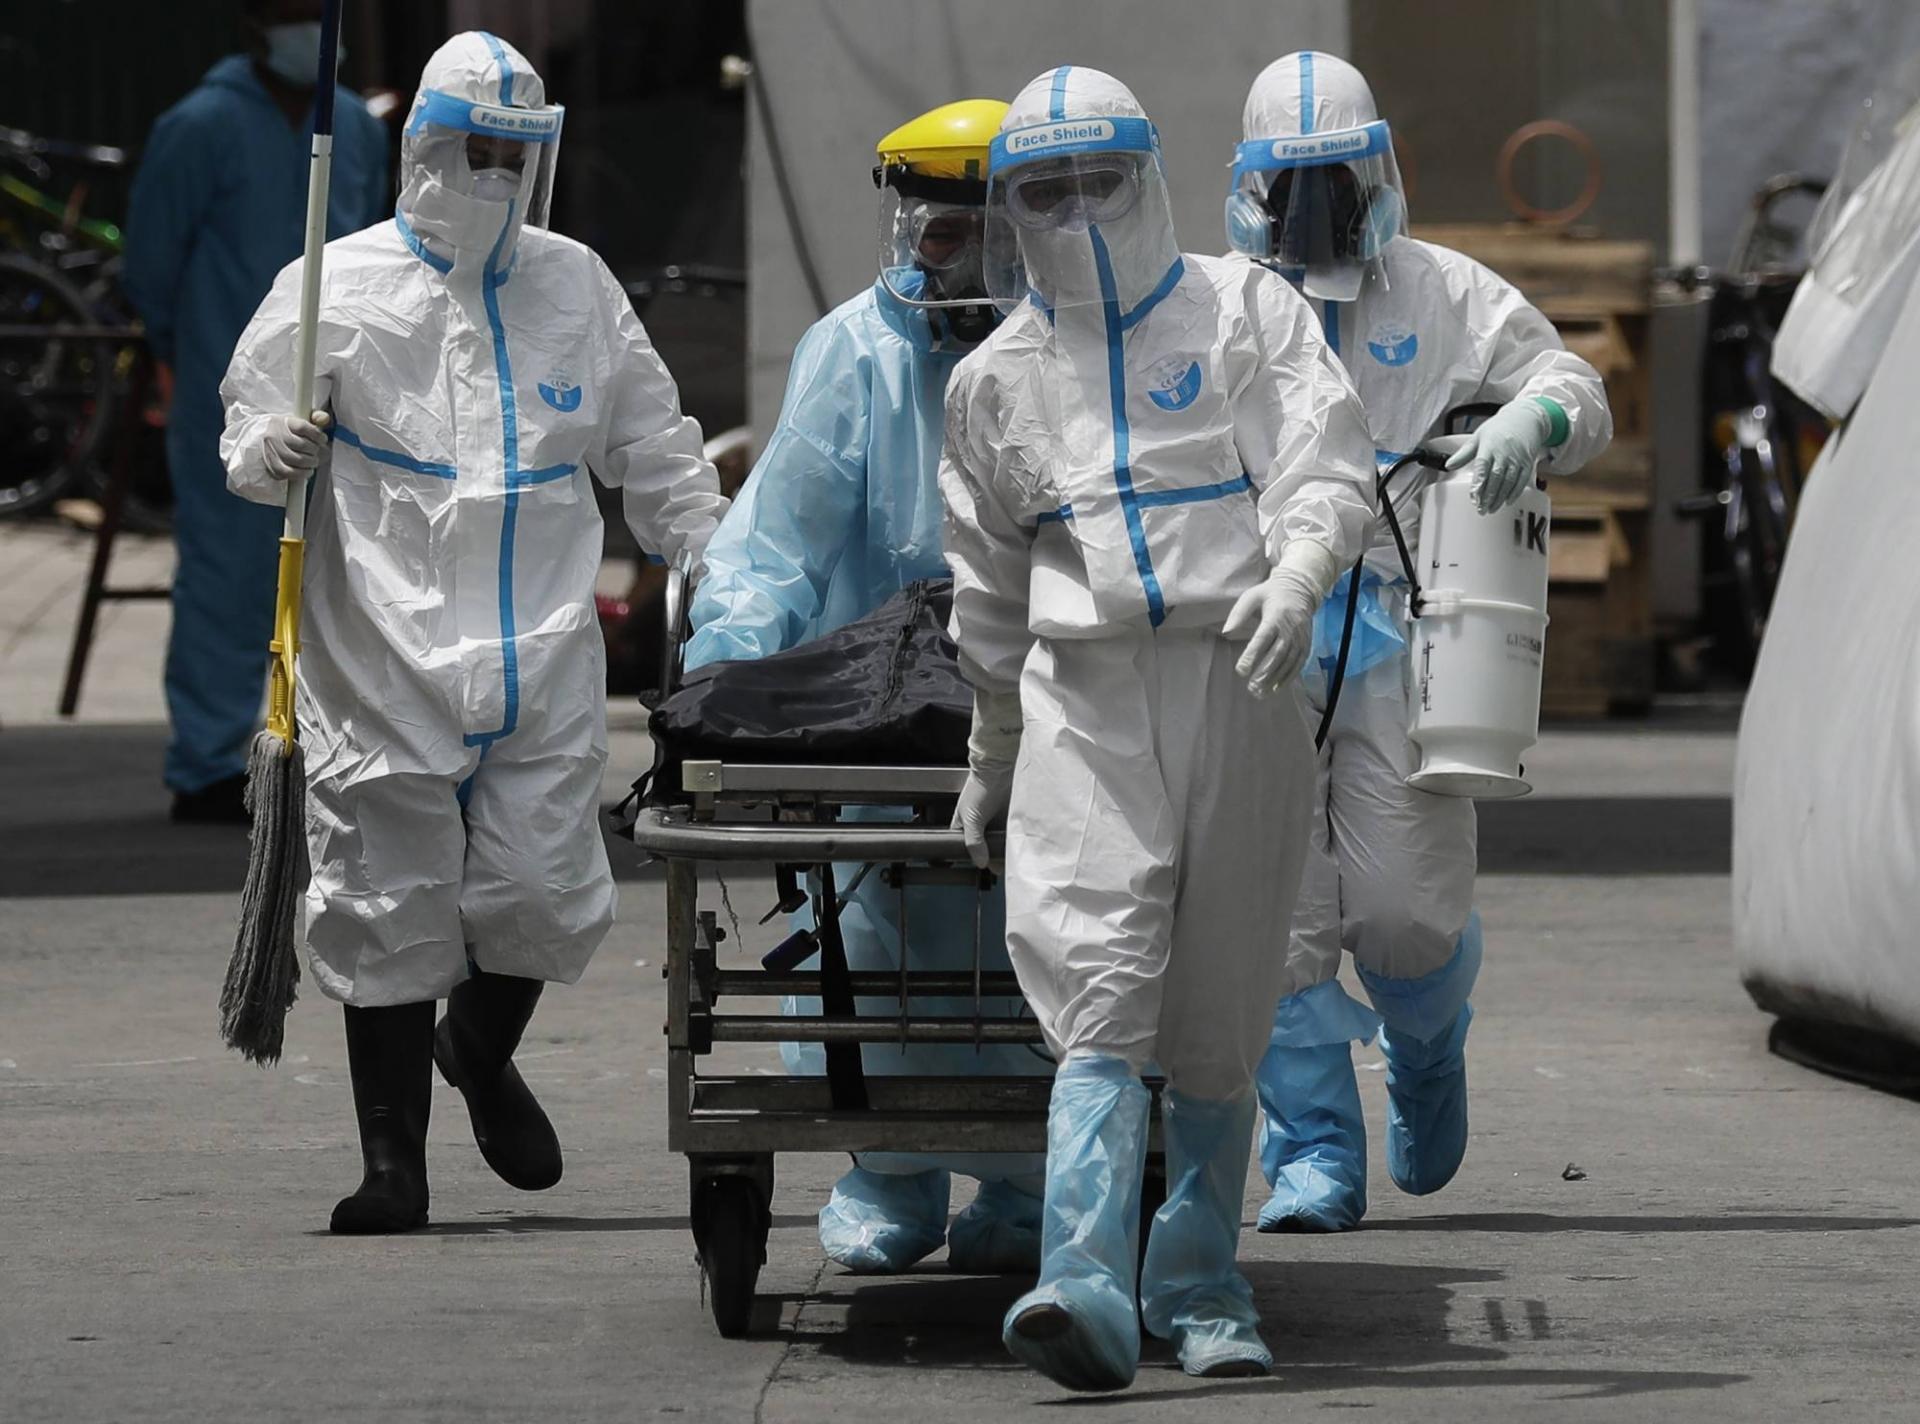 Tình hình dịch bệnh: Thế giới vượt 225 triệu ca mắc, Trung Quốc ưu tiên phân phối vaccine COVID-19 cho Đông Nam Á